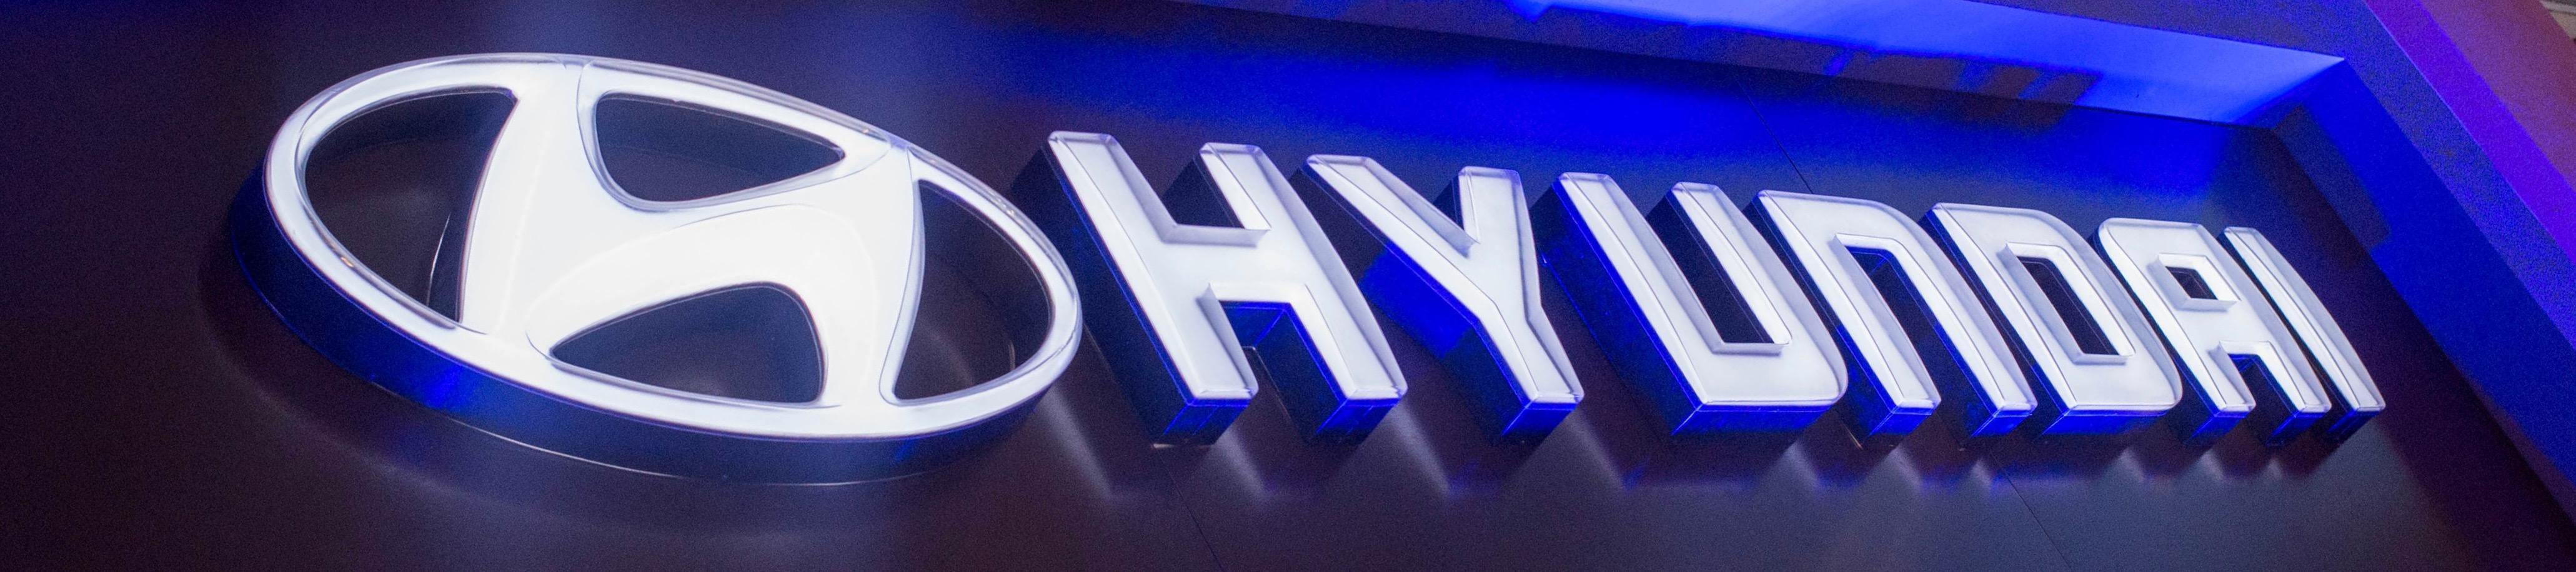 22.4% crecieron las ventas de Hyundai en el mundo